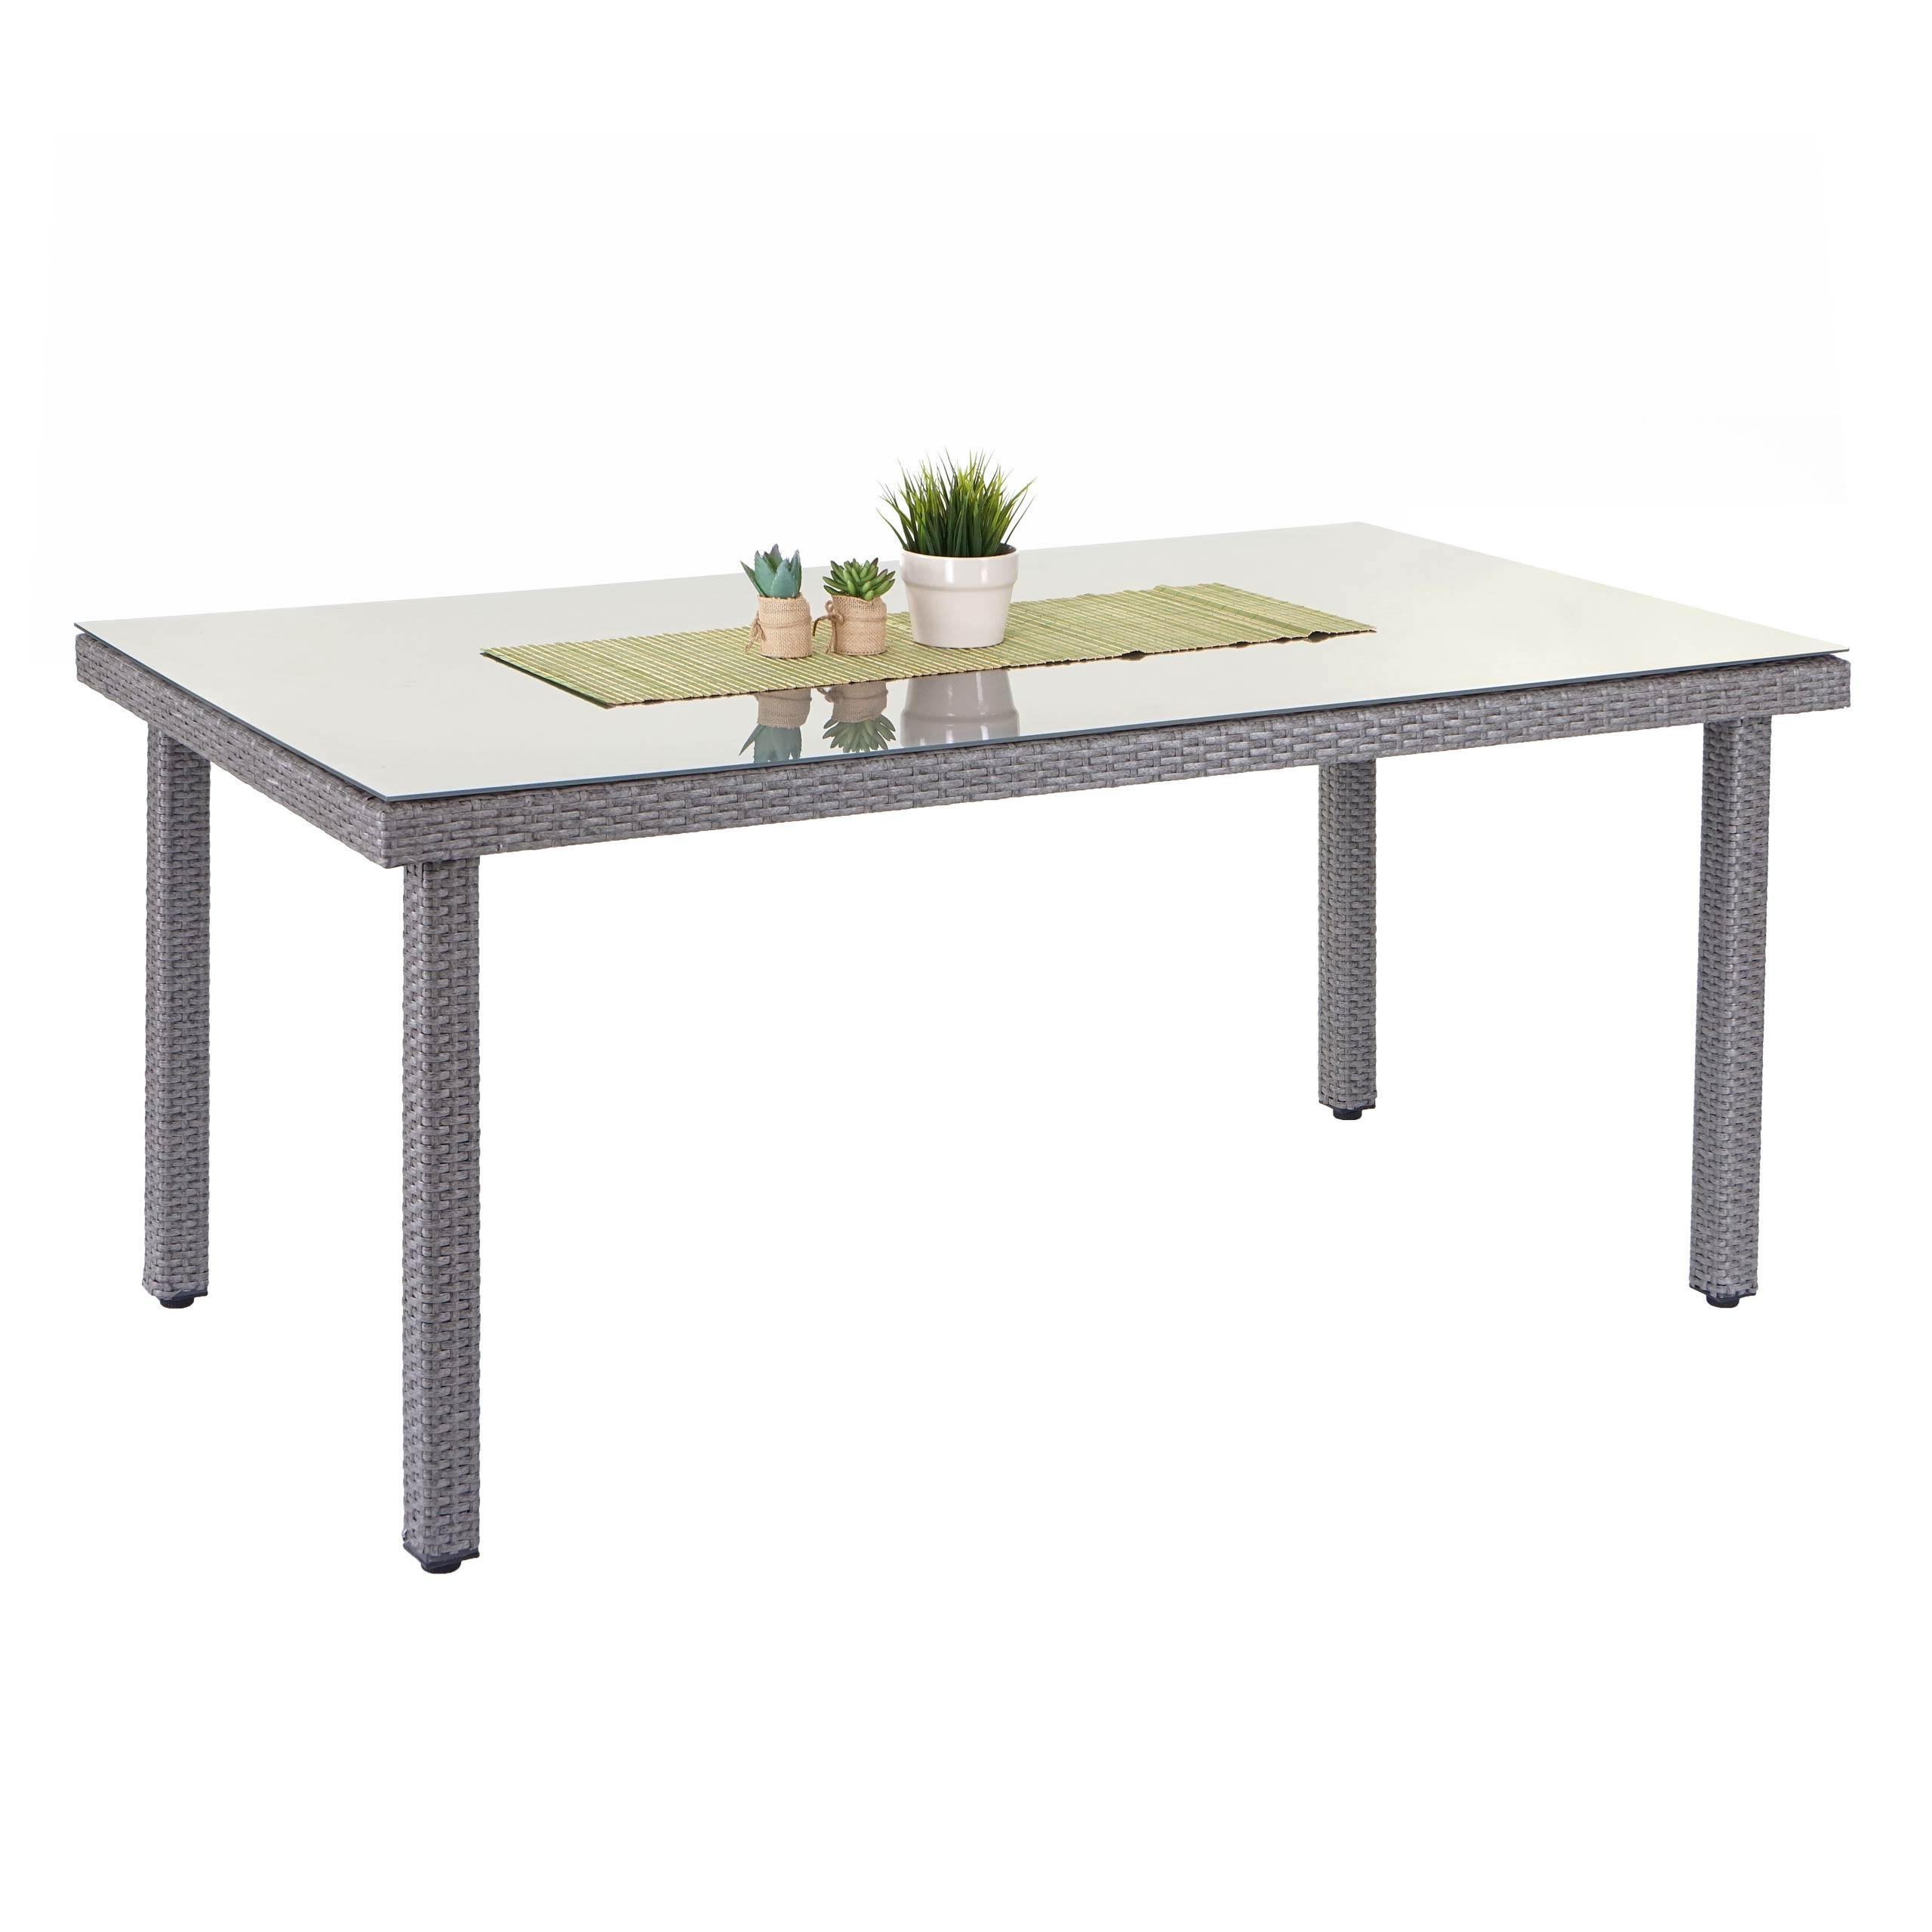 Klapptisch küche grau  Poly-Rattan Gartentisch Cava, Esstisch Tisch mit Glasplatte, 160x90x74cm ~  grau